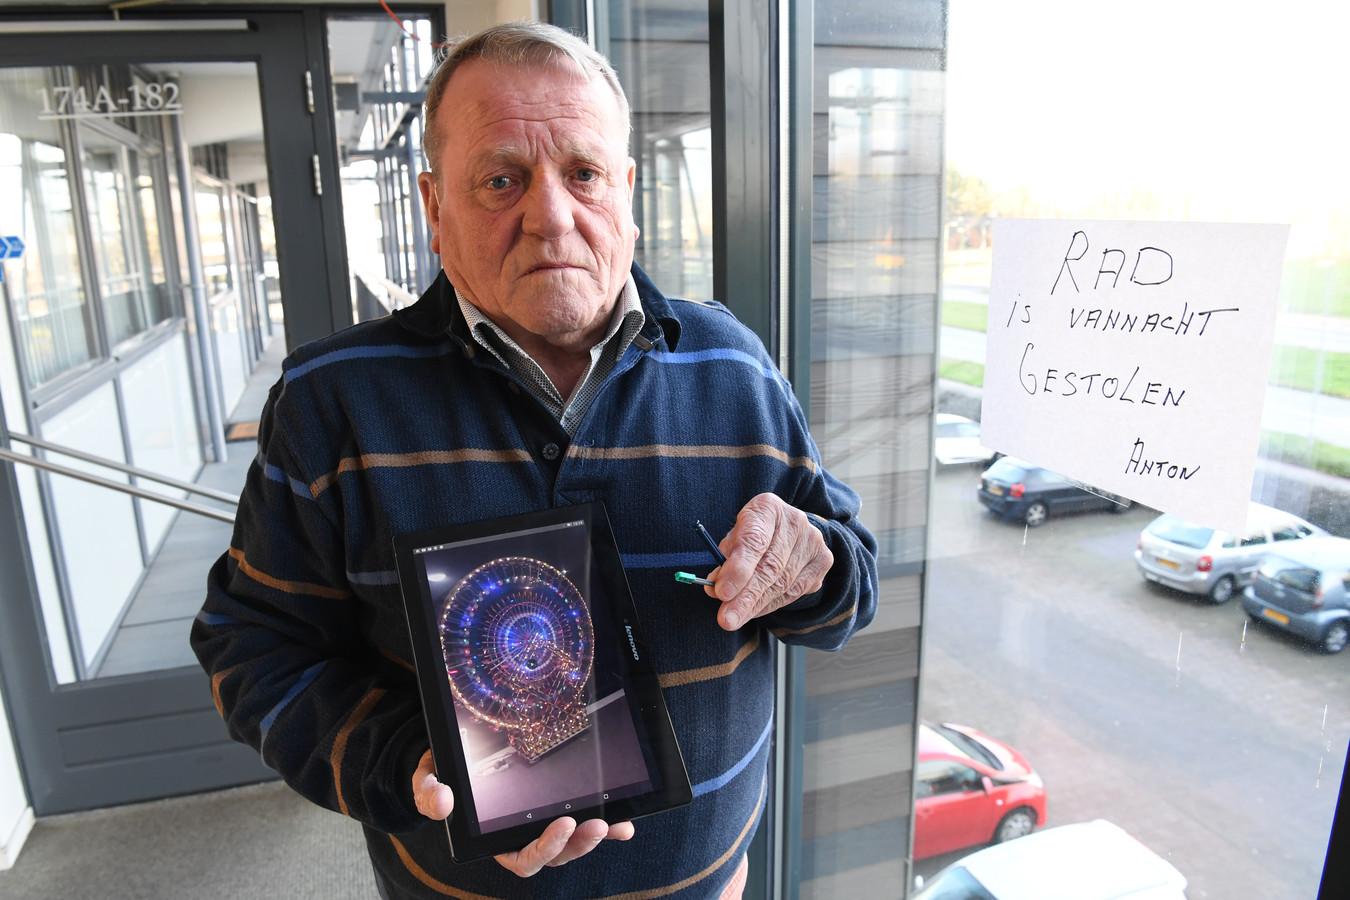 Anton (78) van der List met een foto van zijn levenswerk.